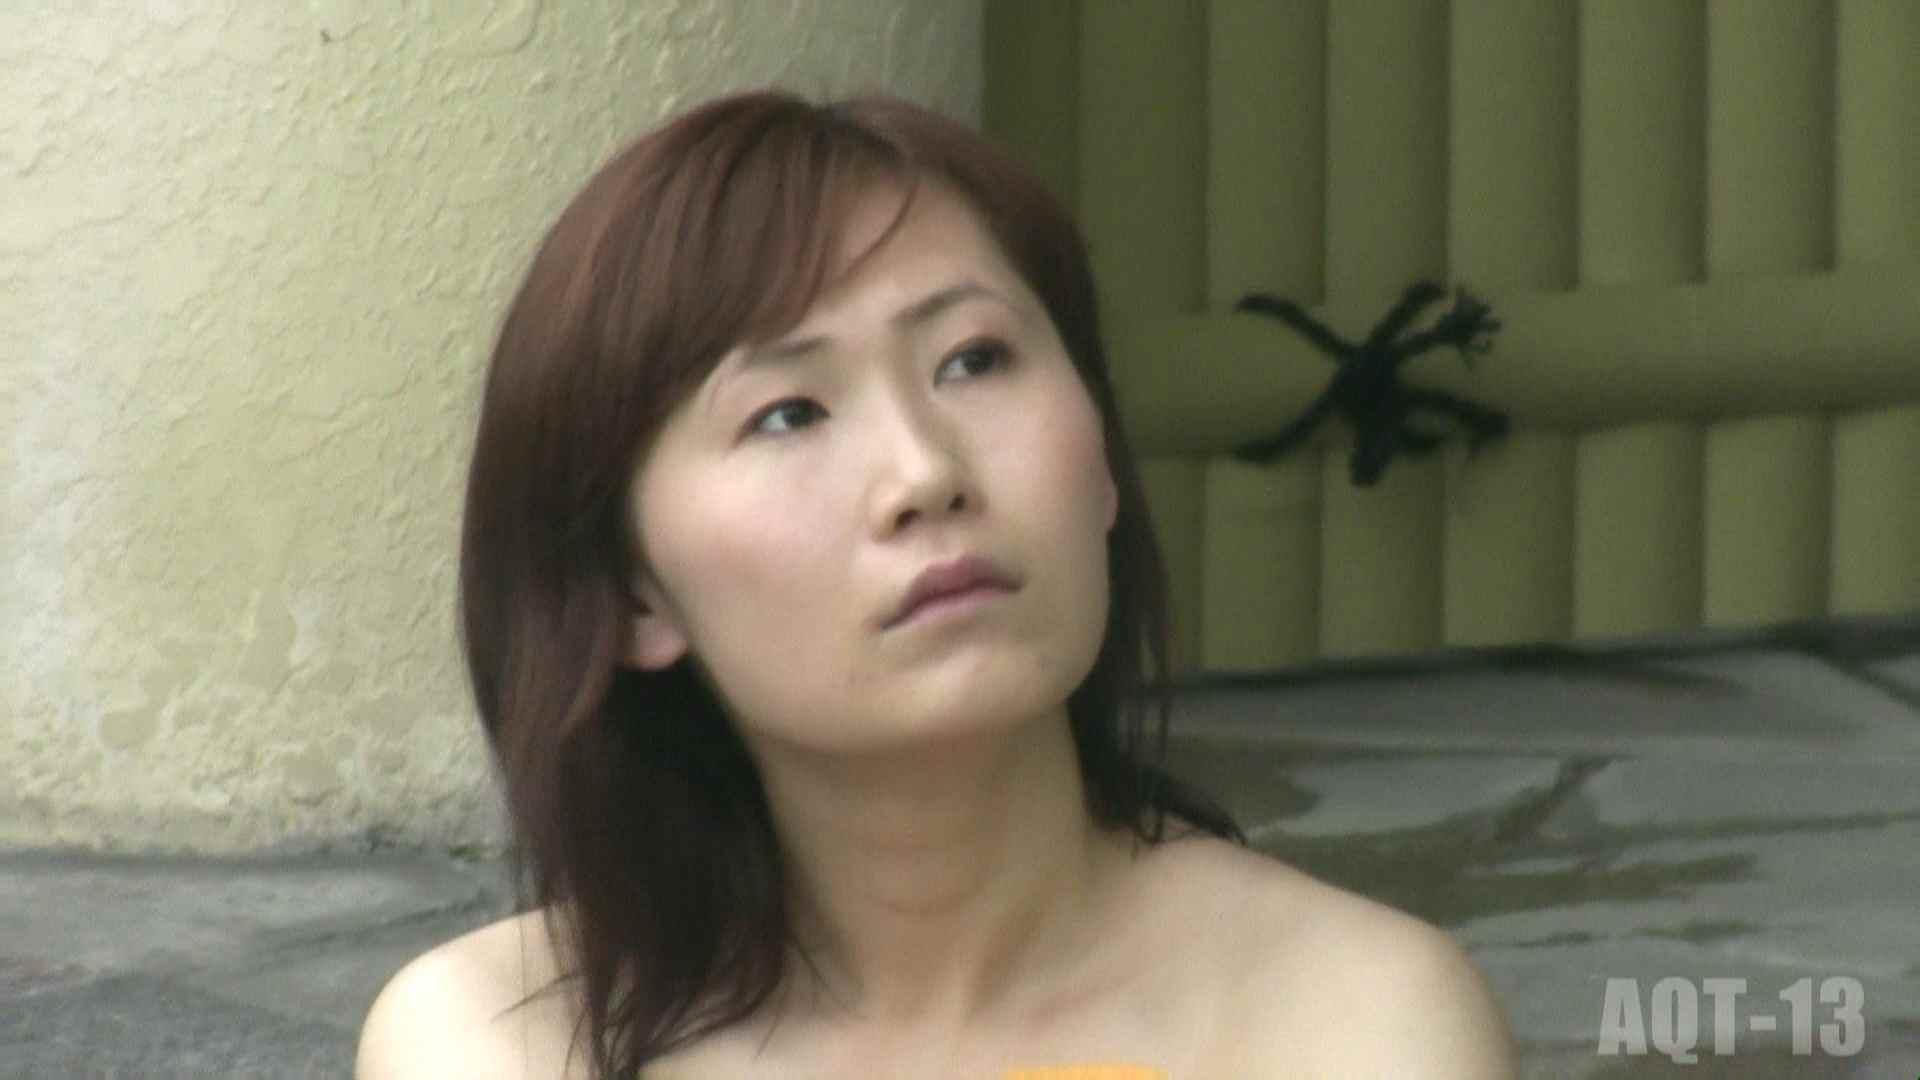 女露天風呂劇場 Vol.28 露天   OLのボディ  58PIX 51